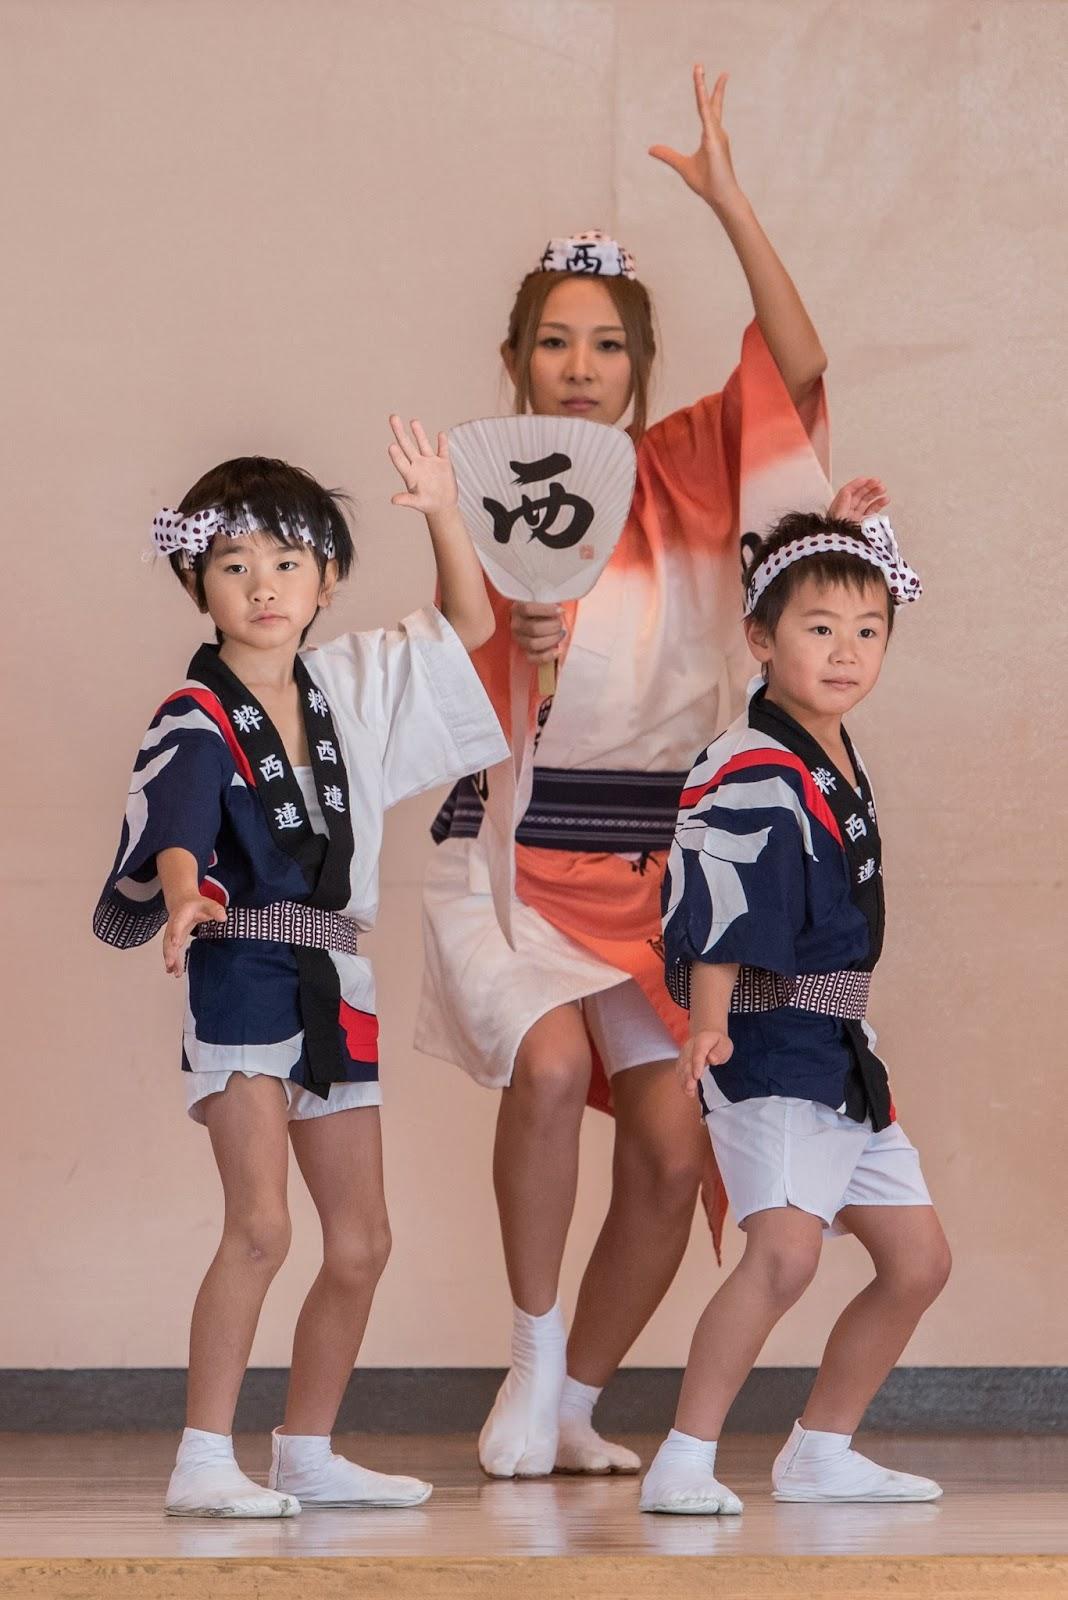 2015/11/28 西新井第一小学校ふれあい祭り 撮影写真提供 楊橋様